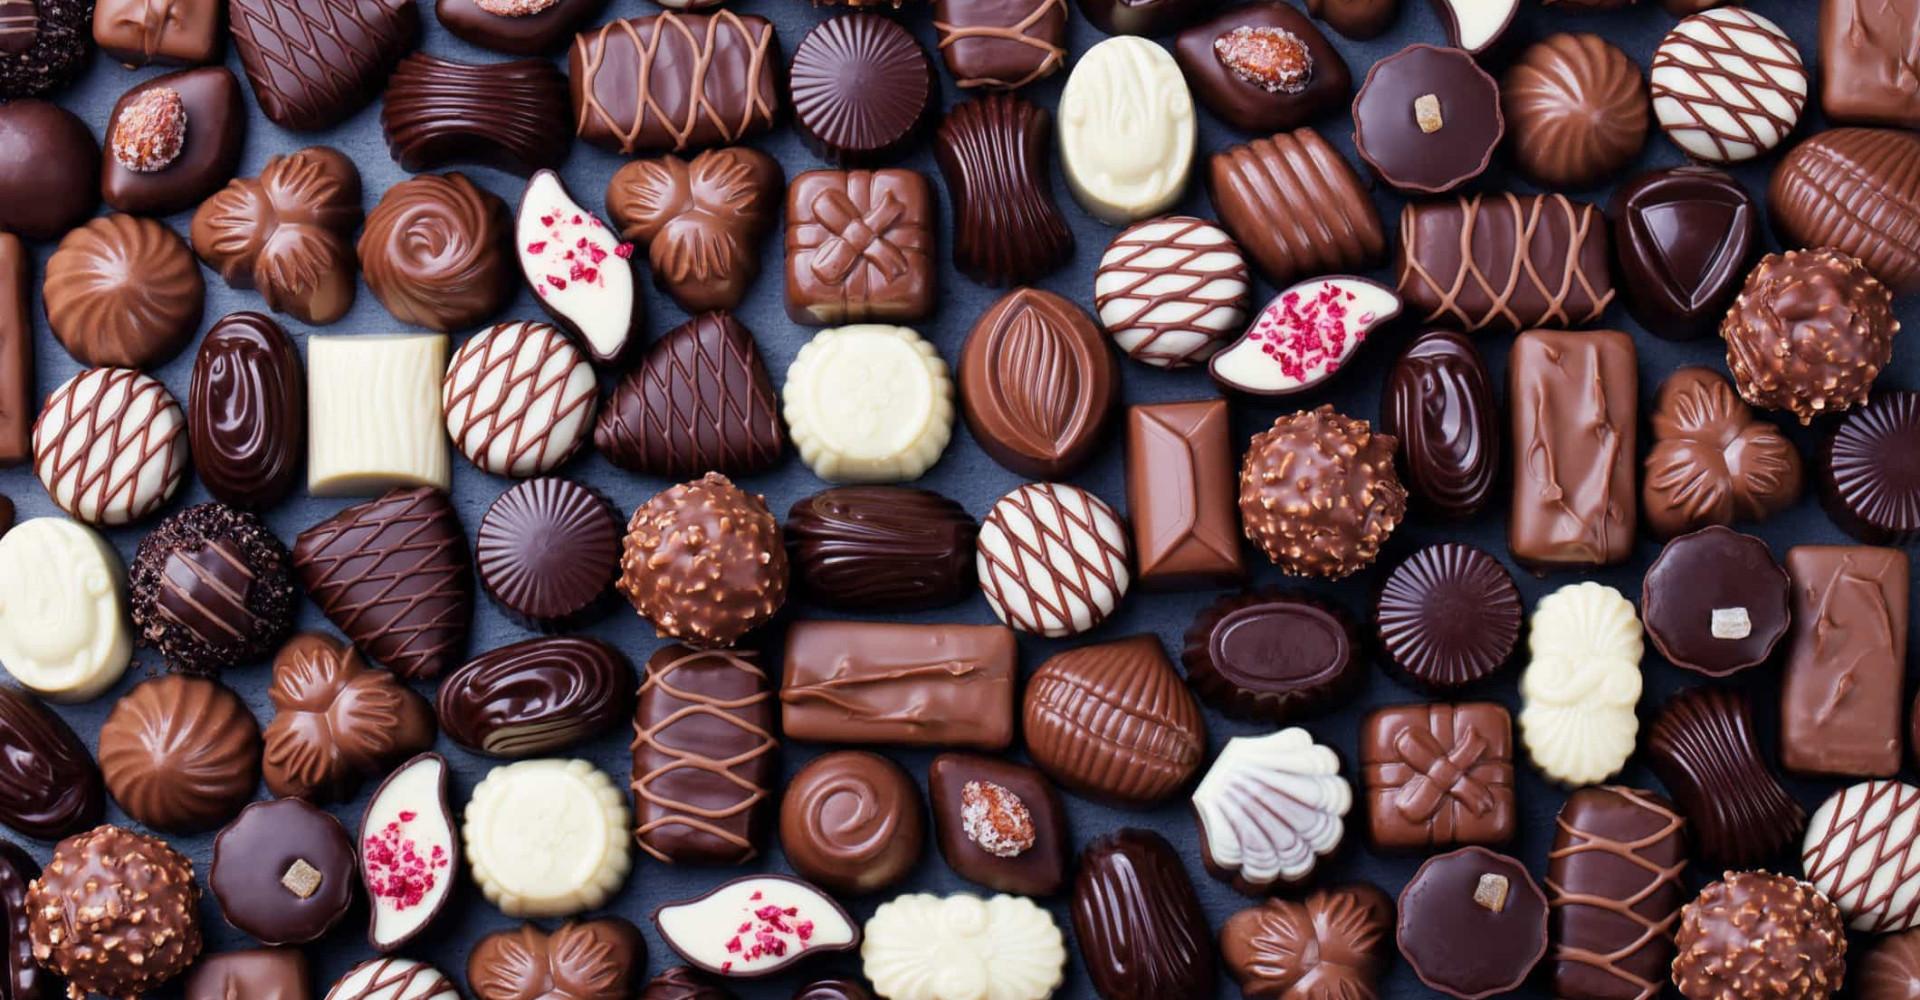 Schokolade: Wie gut oder schlecht ist unsere Lieblingssüßigkeit?